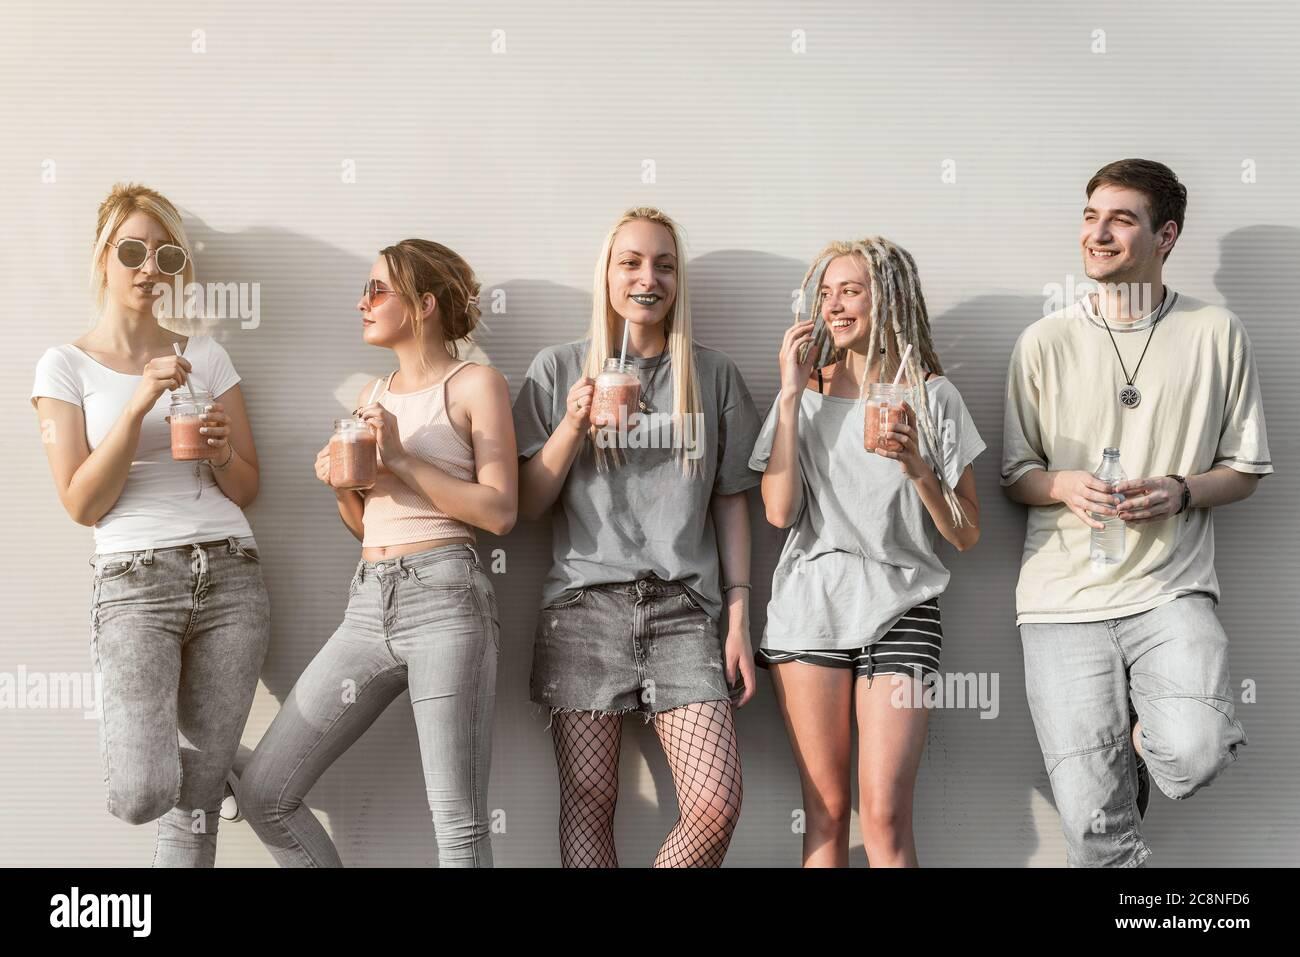 Groupe de jeunes qui s'amusent et boivent des smoothies Banque D'Images